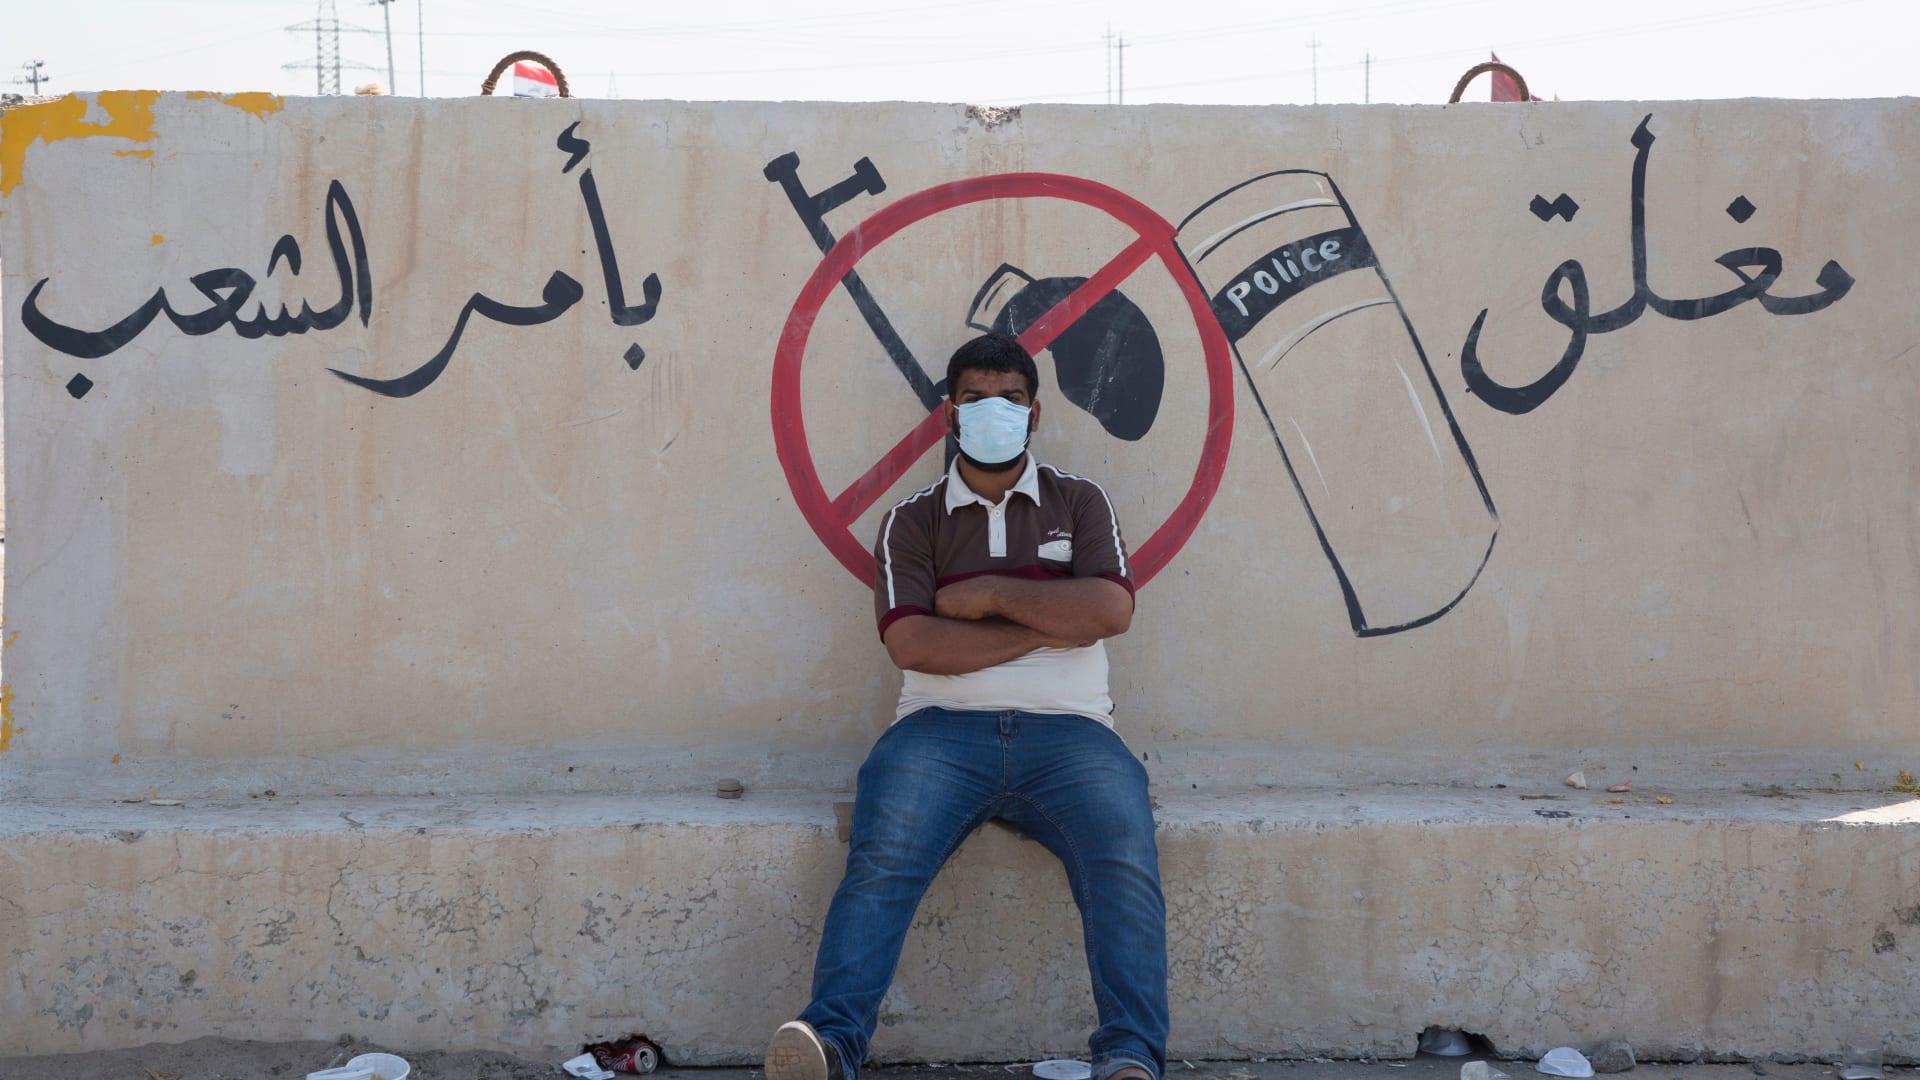 كيف تضغط مظاهرات العراق على مفاصل الدولة؟